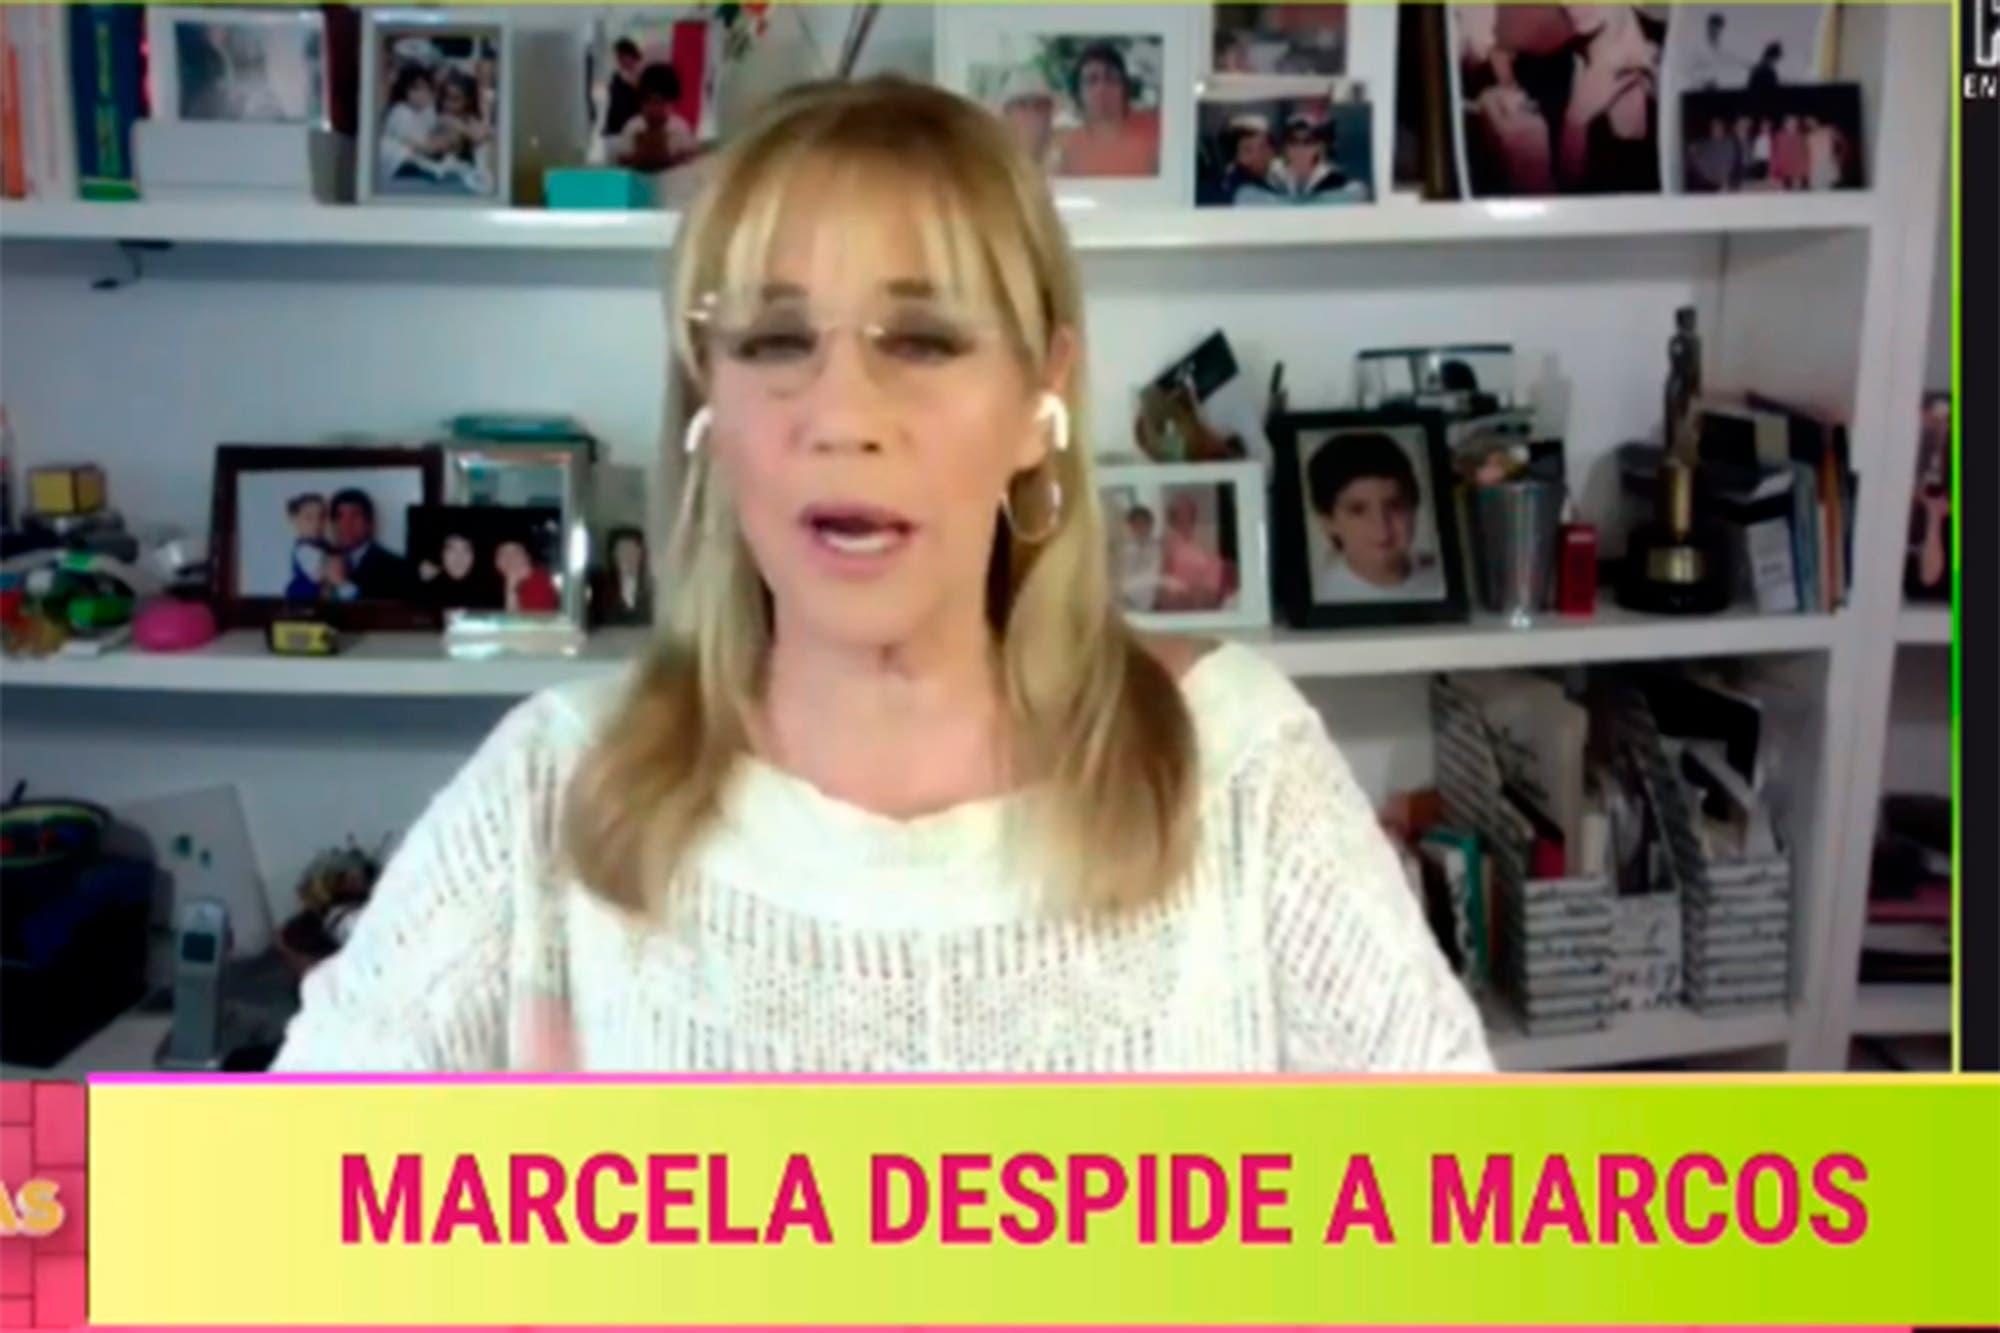 """La conmovedora despedida de Marcela Tinayre a Marcos Gastaldi: """"Fue un hombre al que amé profundamente"""""""